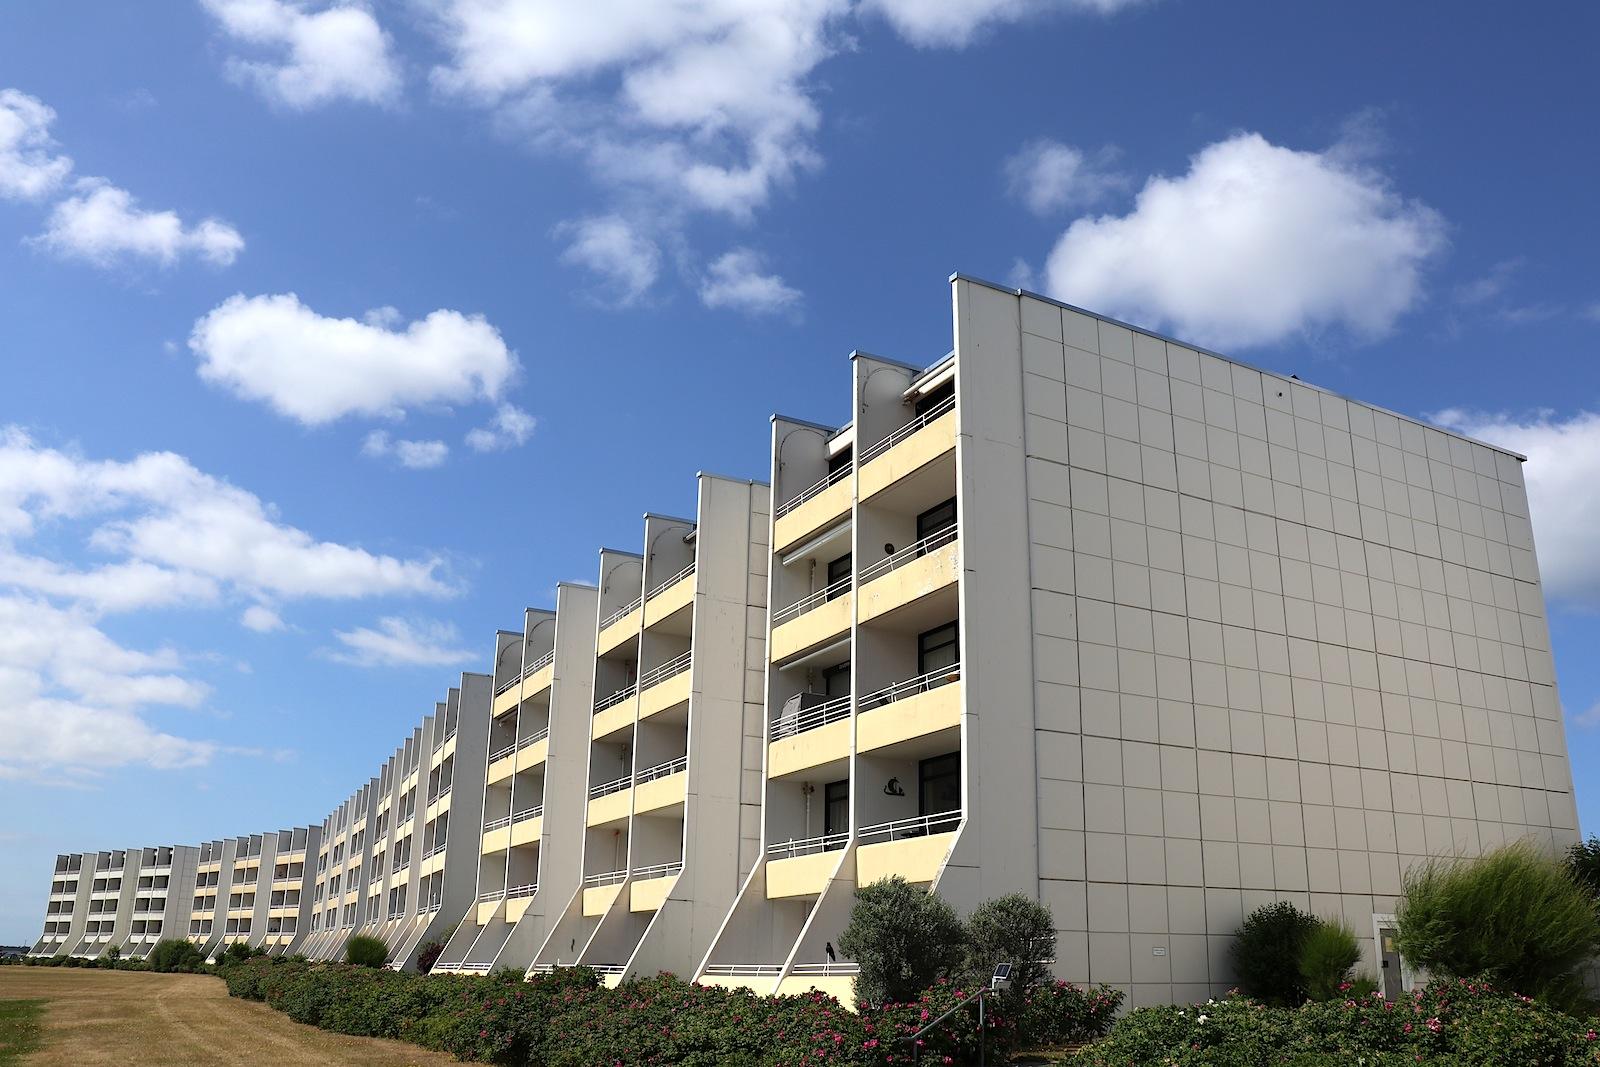 Apartmentsiedlung. Neun drei- und fünfgeschossige, linienförmige Apartmentkomplexe stehen im Westteil der Halbinsel.